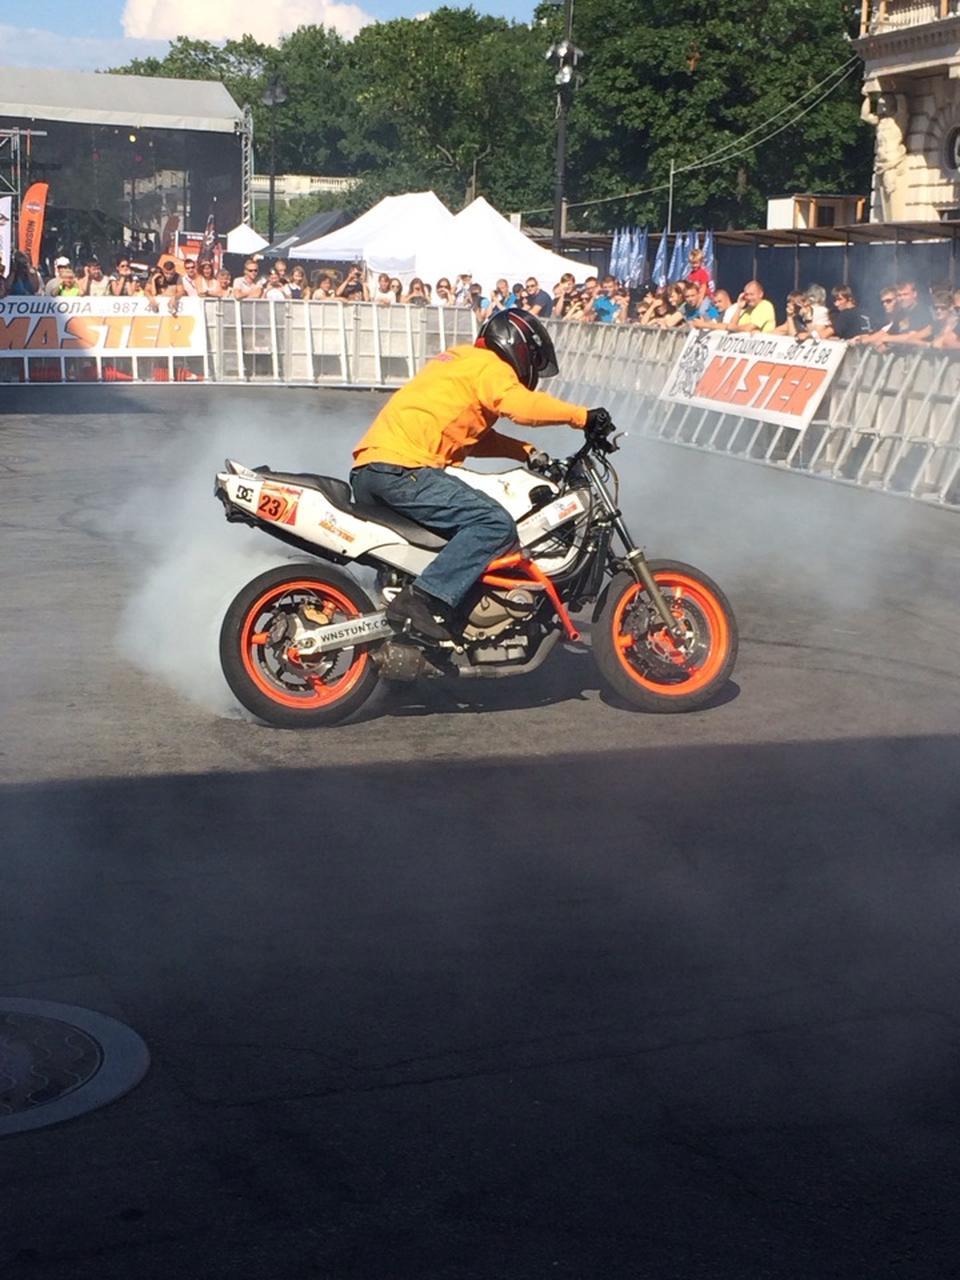 Фото № 349 Отзывы мотоциклах харлей дэвидсон